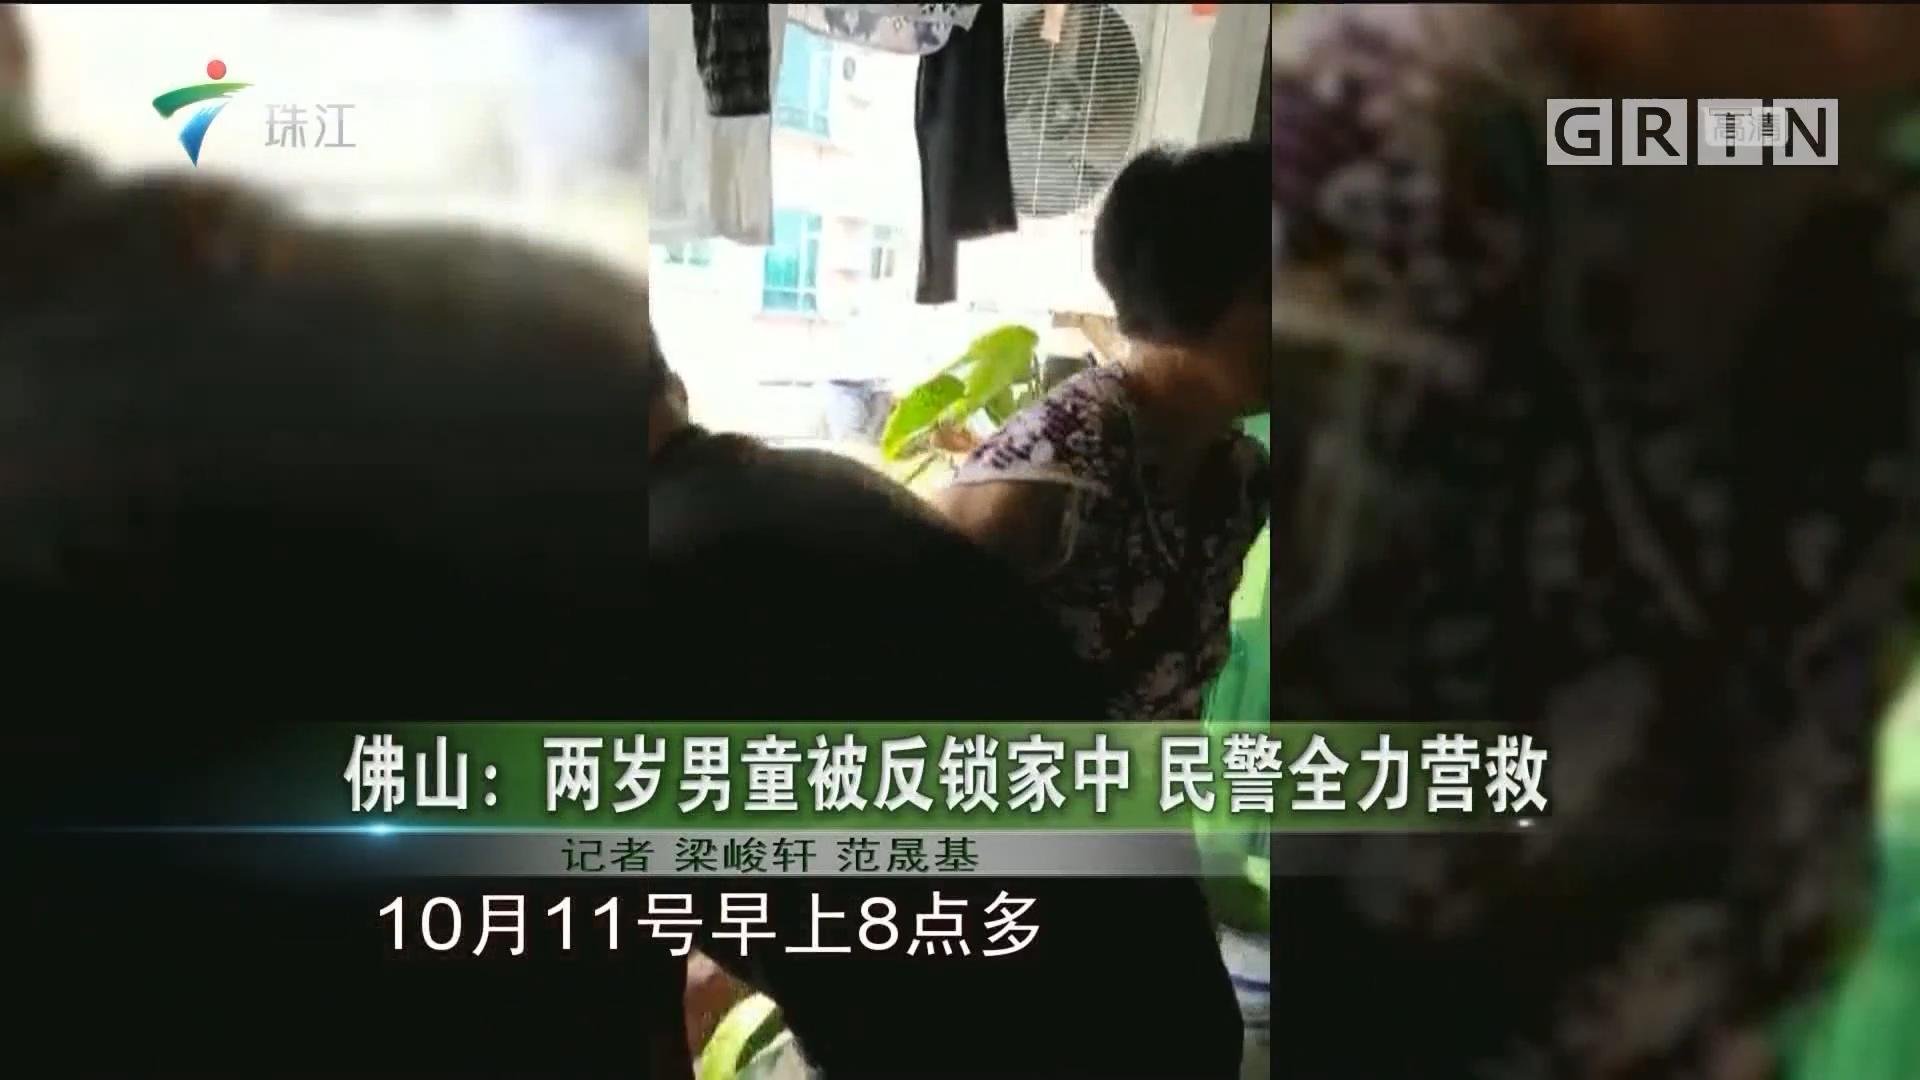 佛山:兩歲男童被反鎖家中 民警全力營救